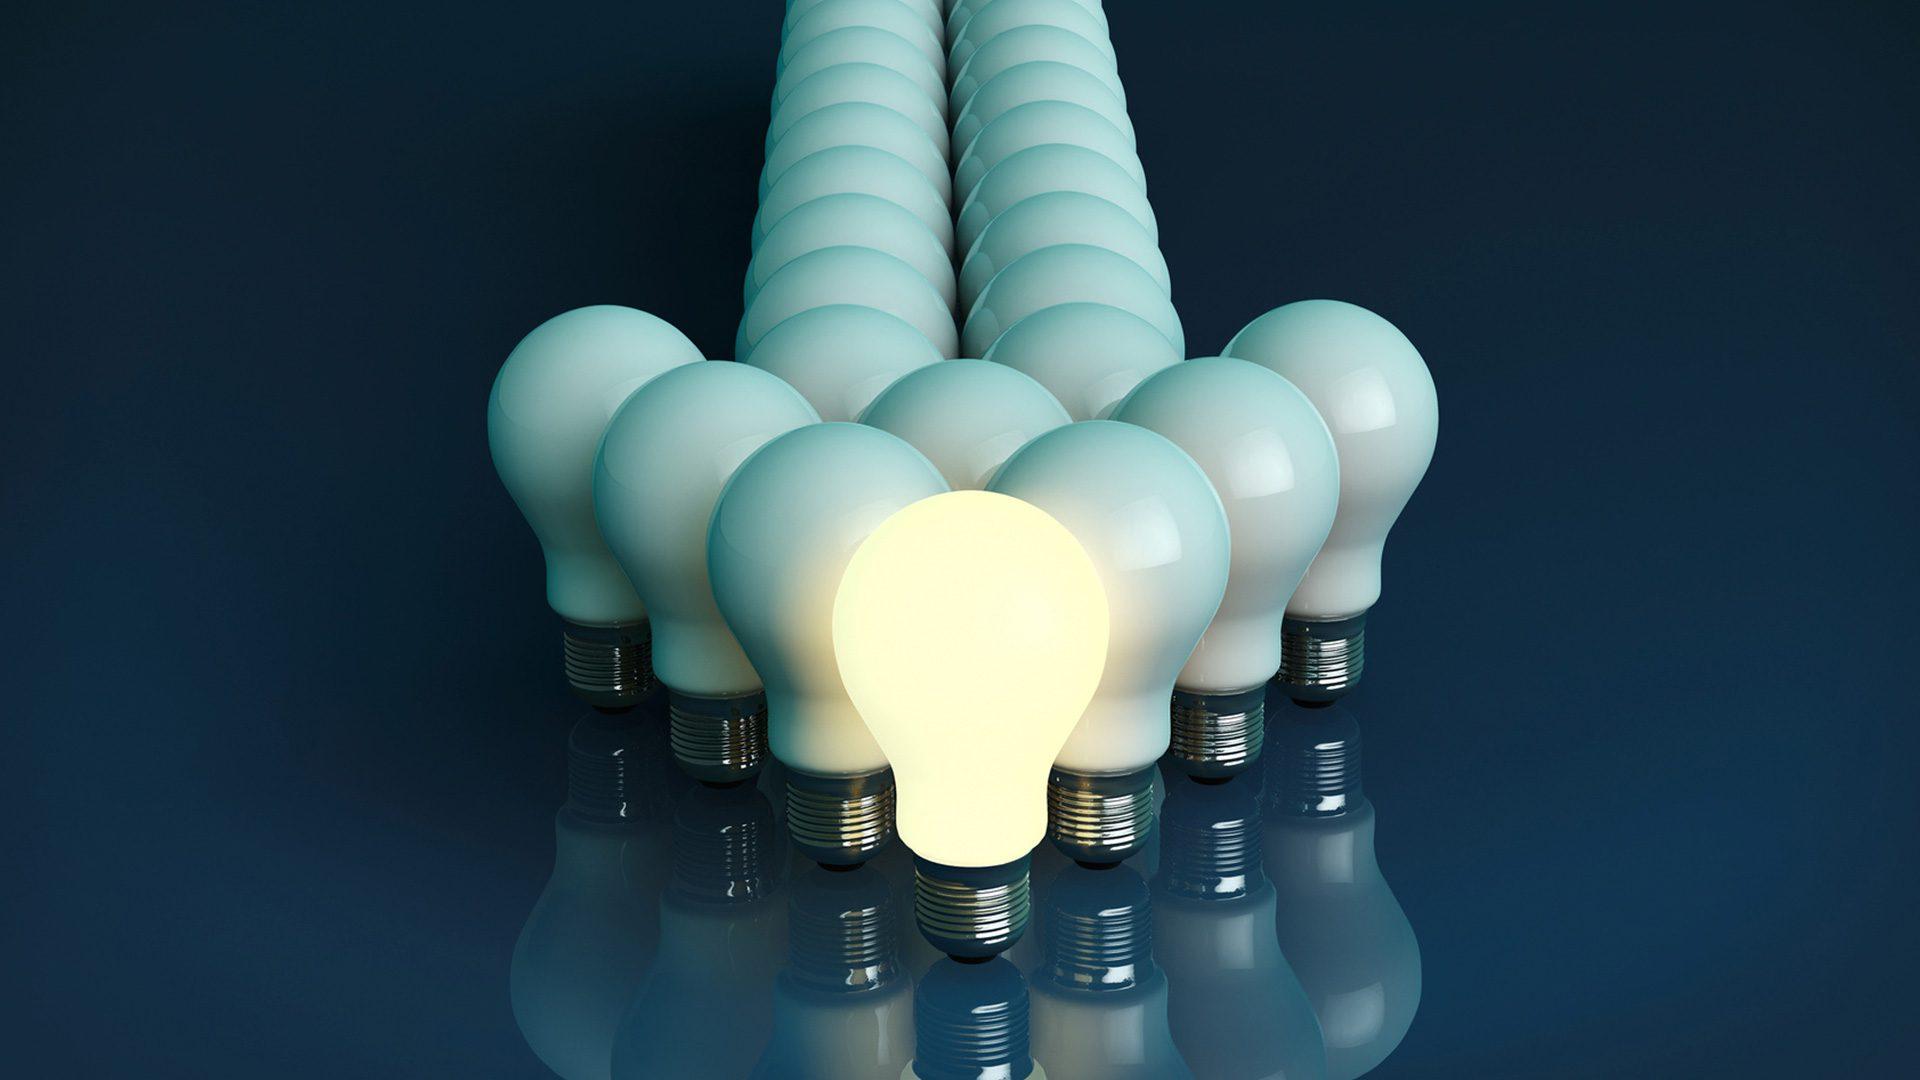 Innovations in leadership